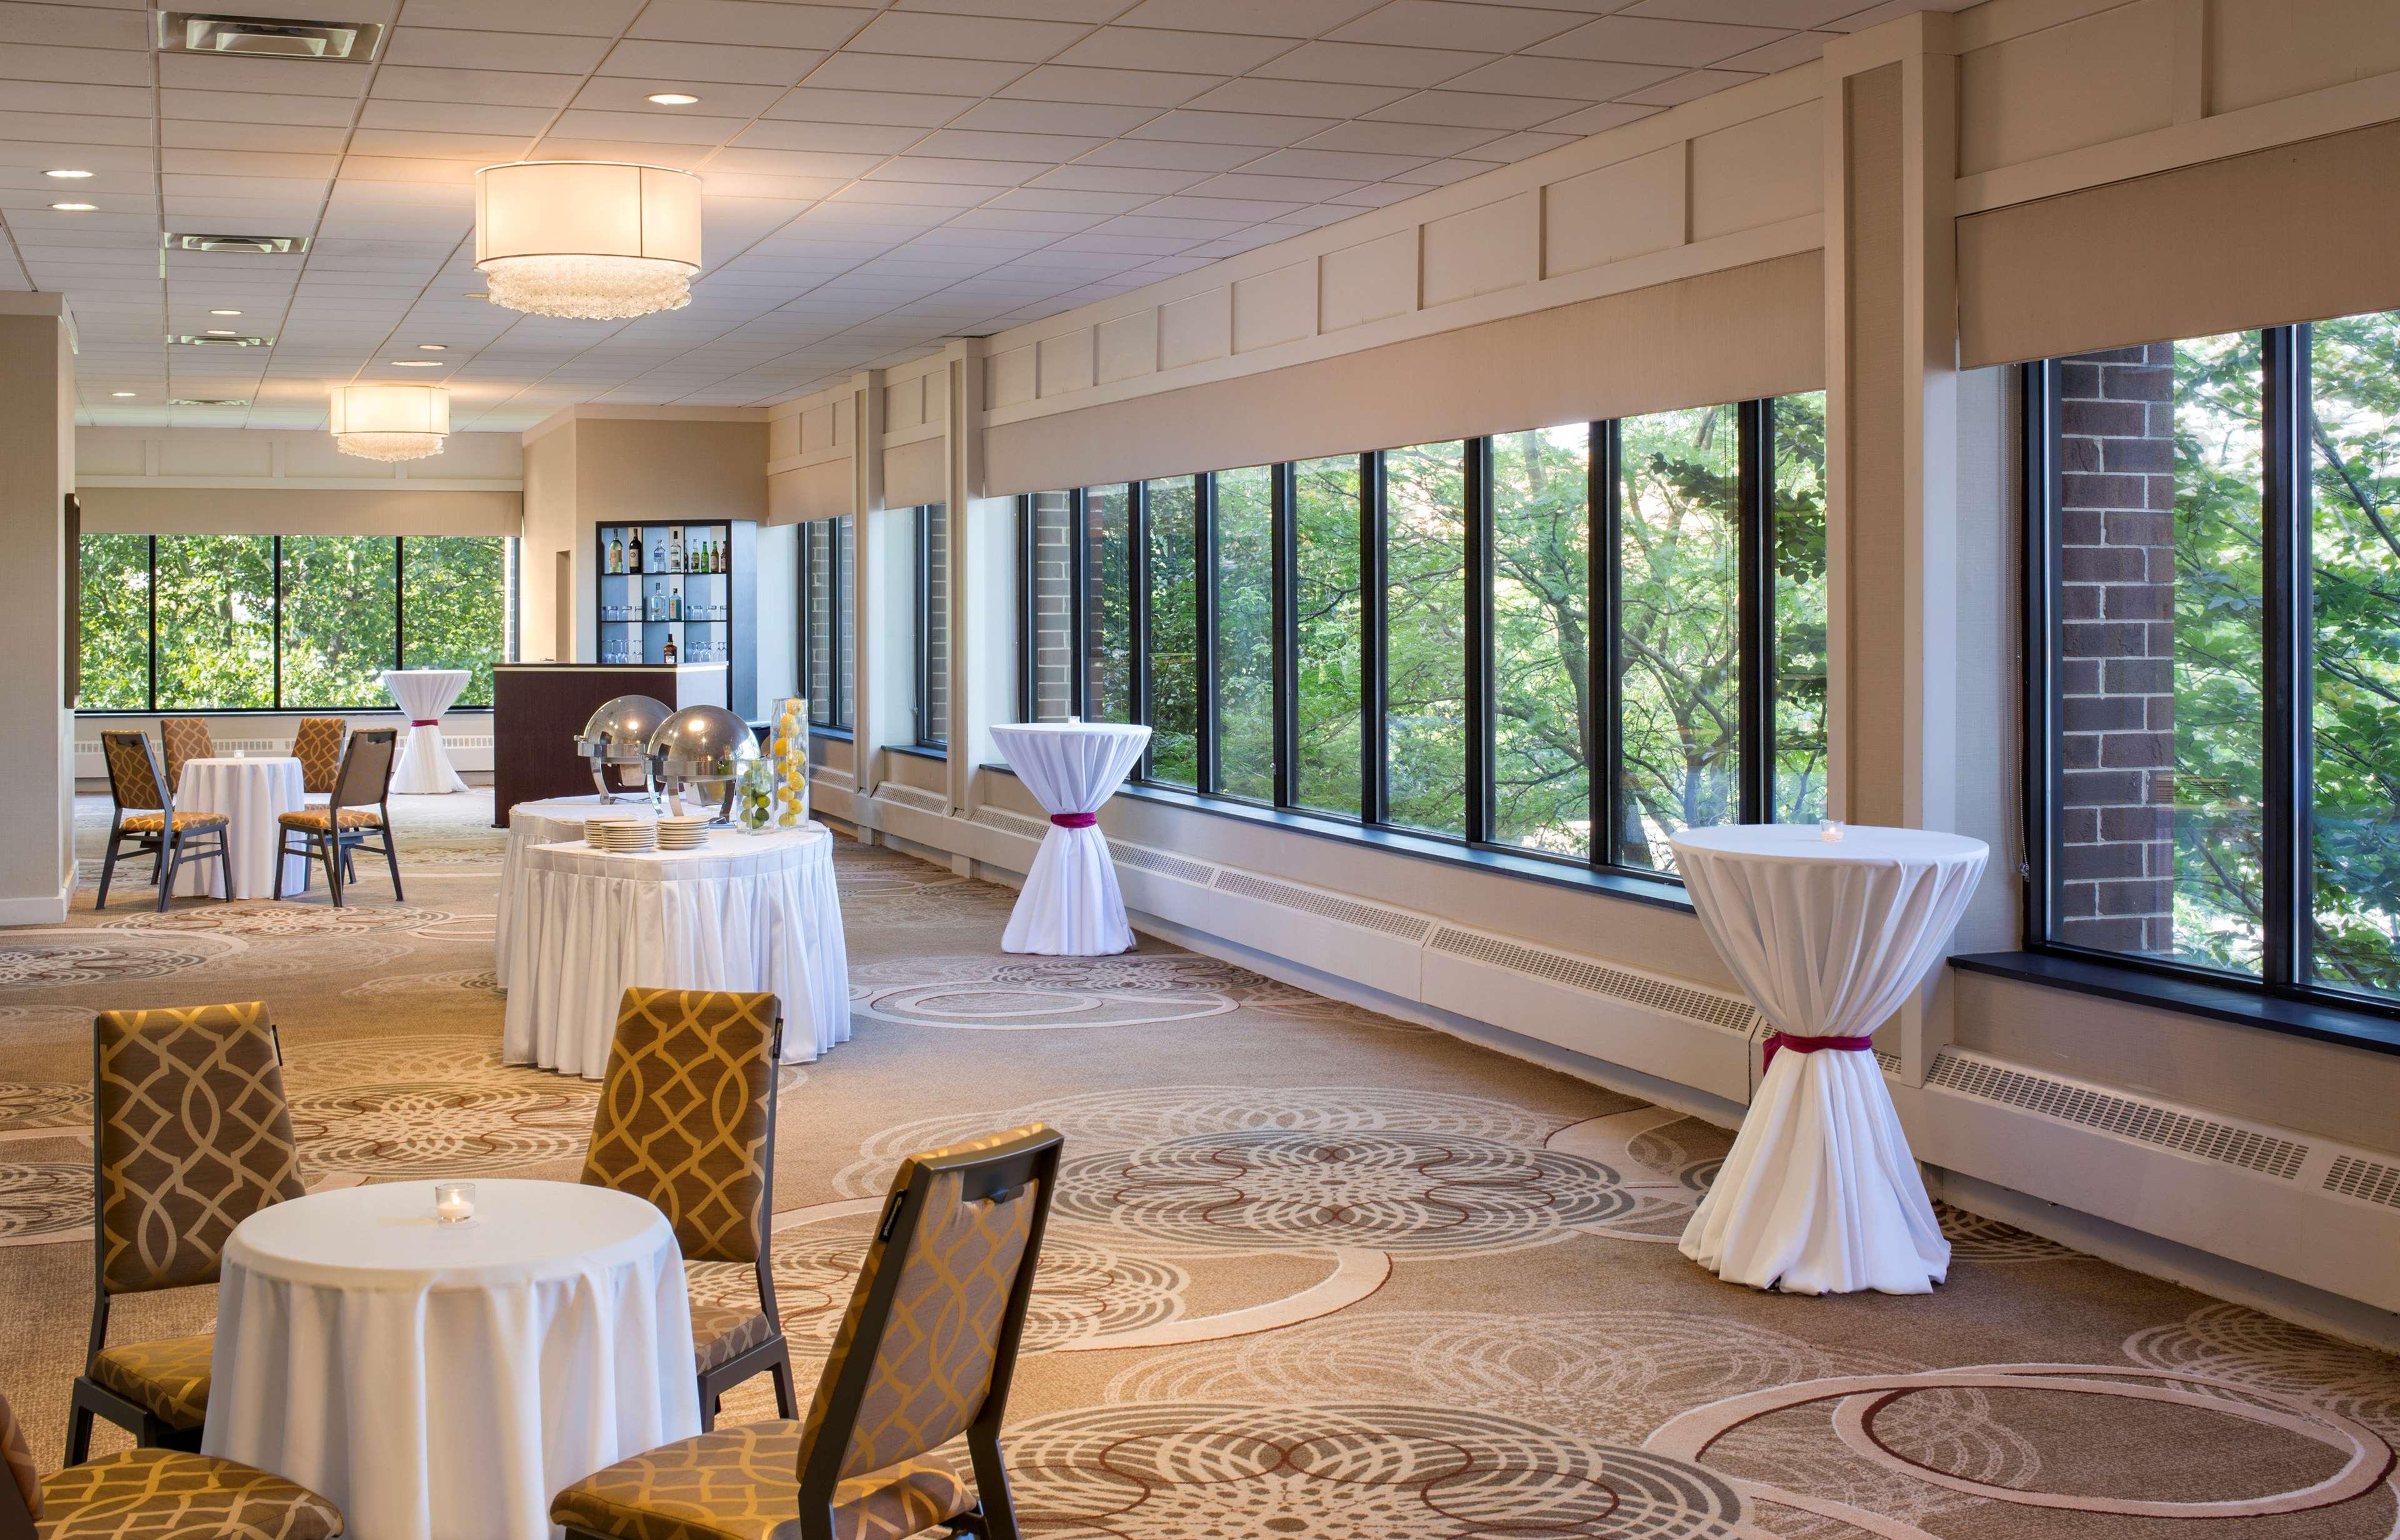 Sheraton Harrisburg Hershey Hotel image 18